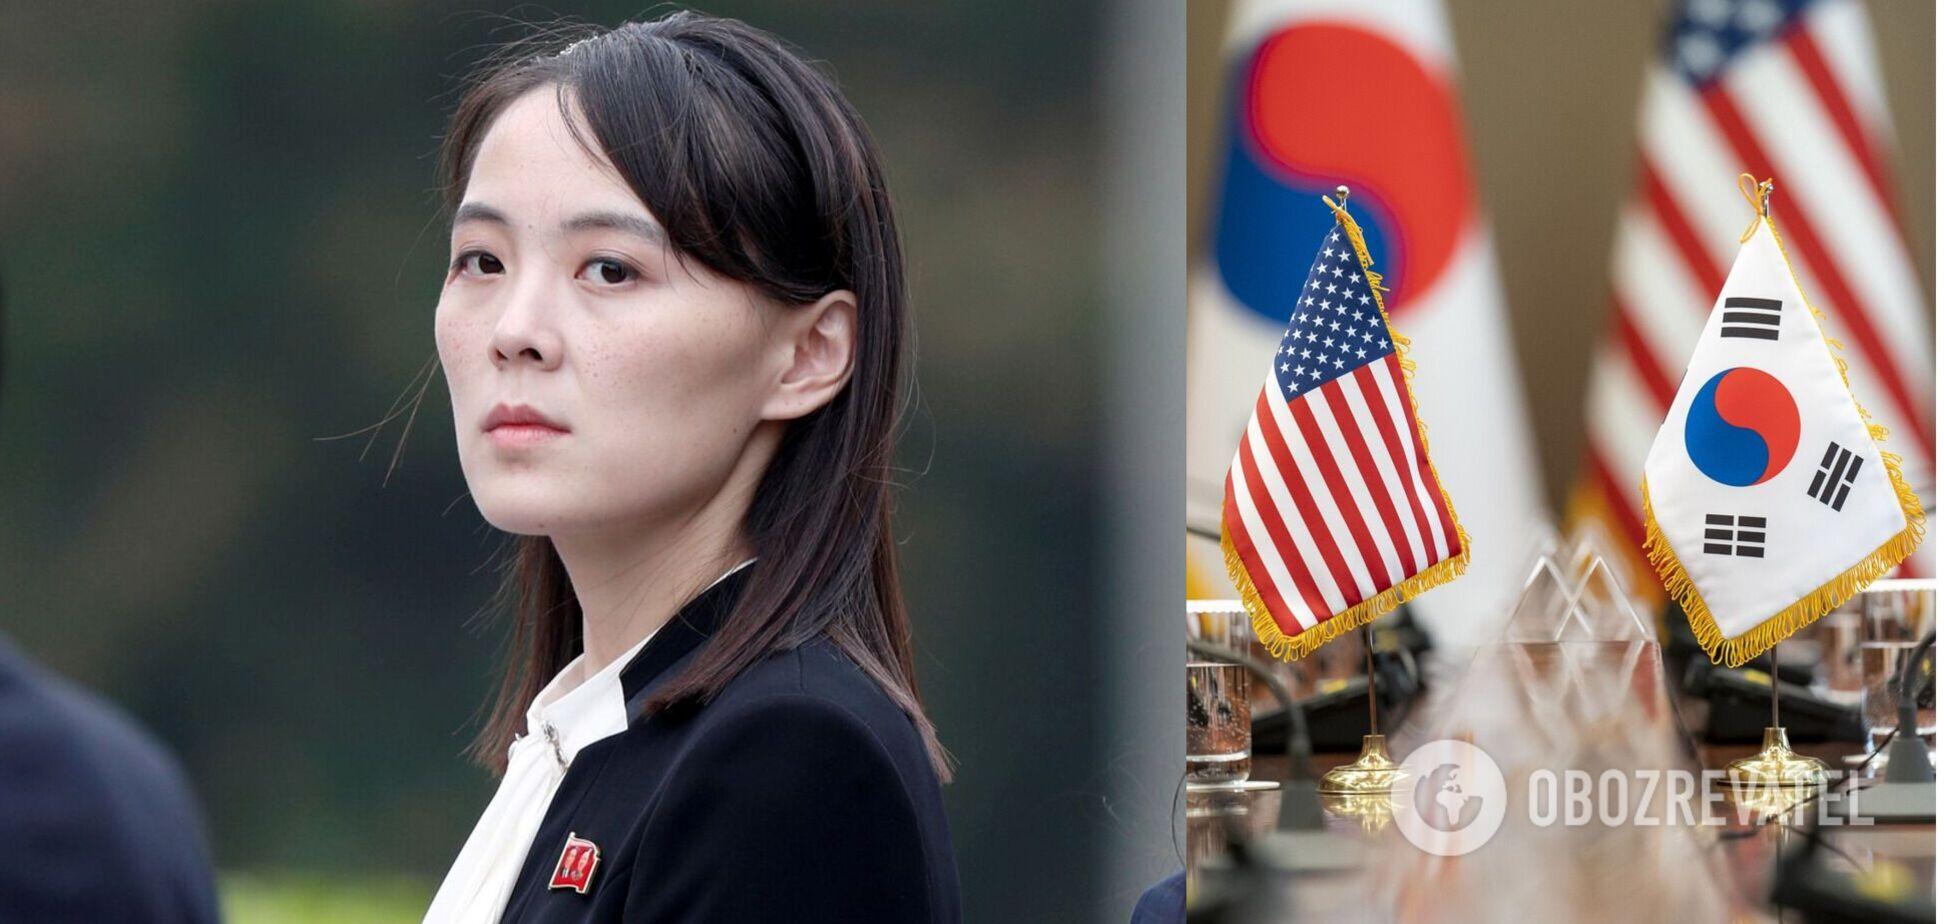 Сестра Ким Чен Ына предостерегла Южную Корею от военных учений с США